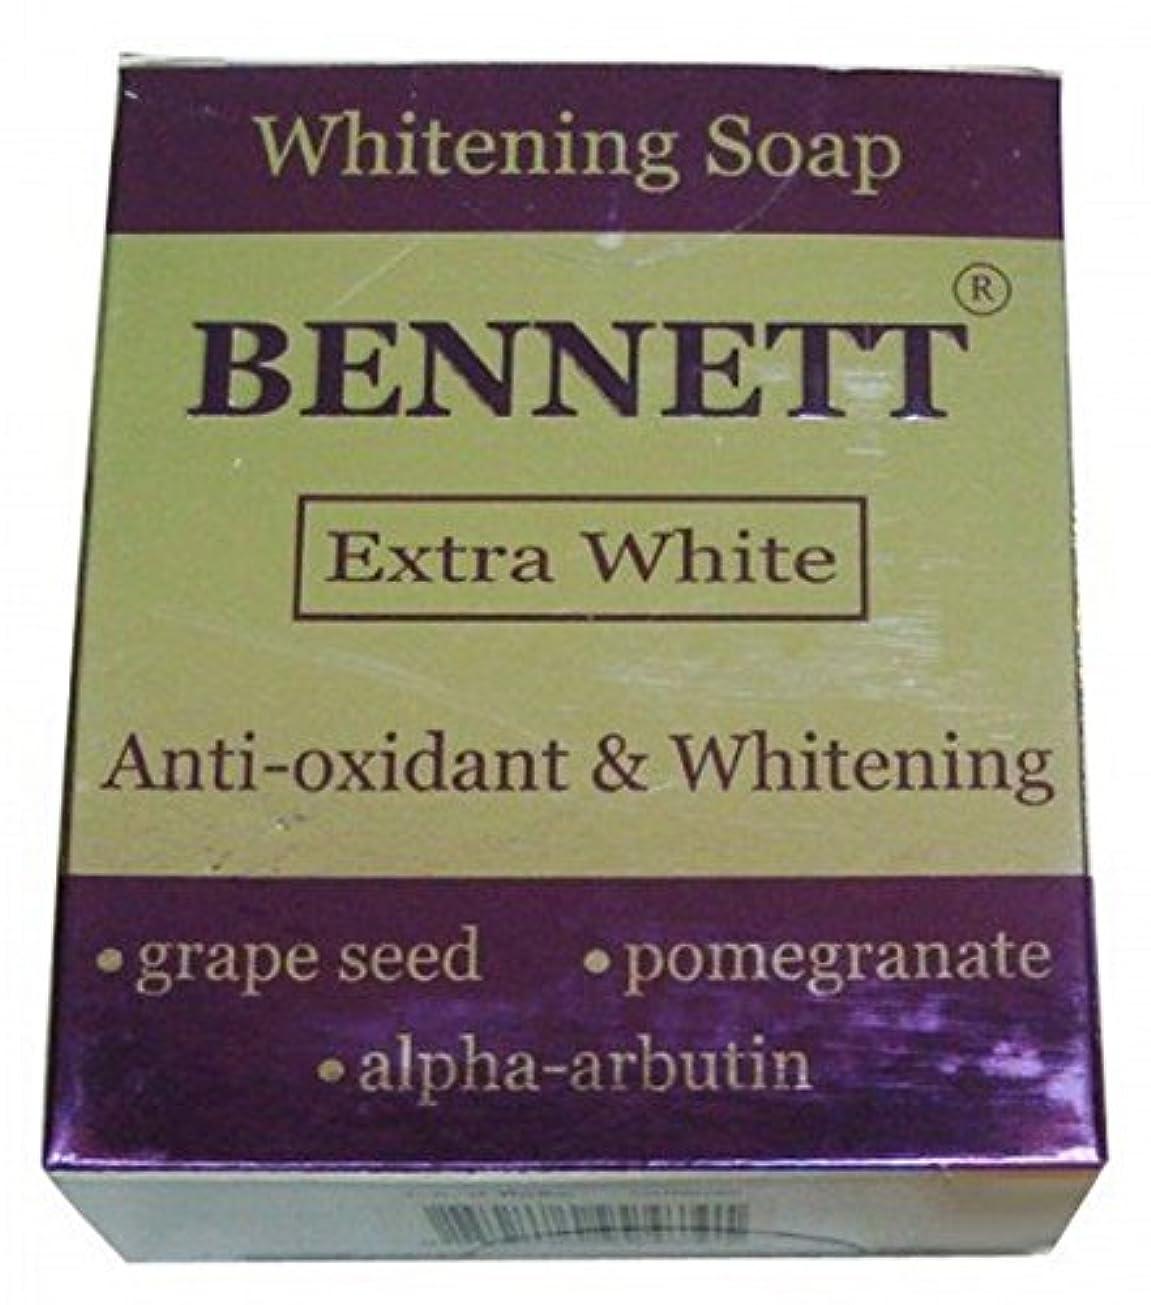 細部ラインブラインド新しいBennett Extraホワイトanti-oxidantアルファアルブチンExtreme Whitening Soap 130 g / 4.6oz